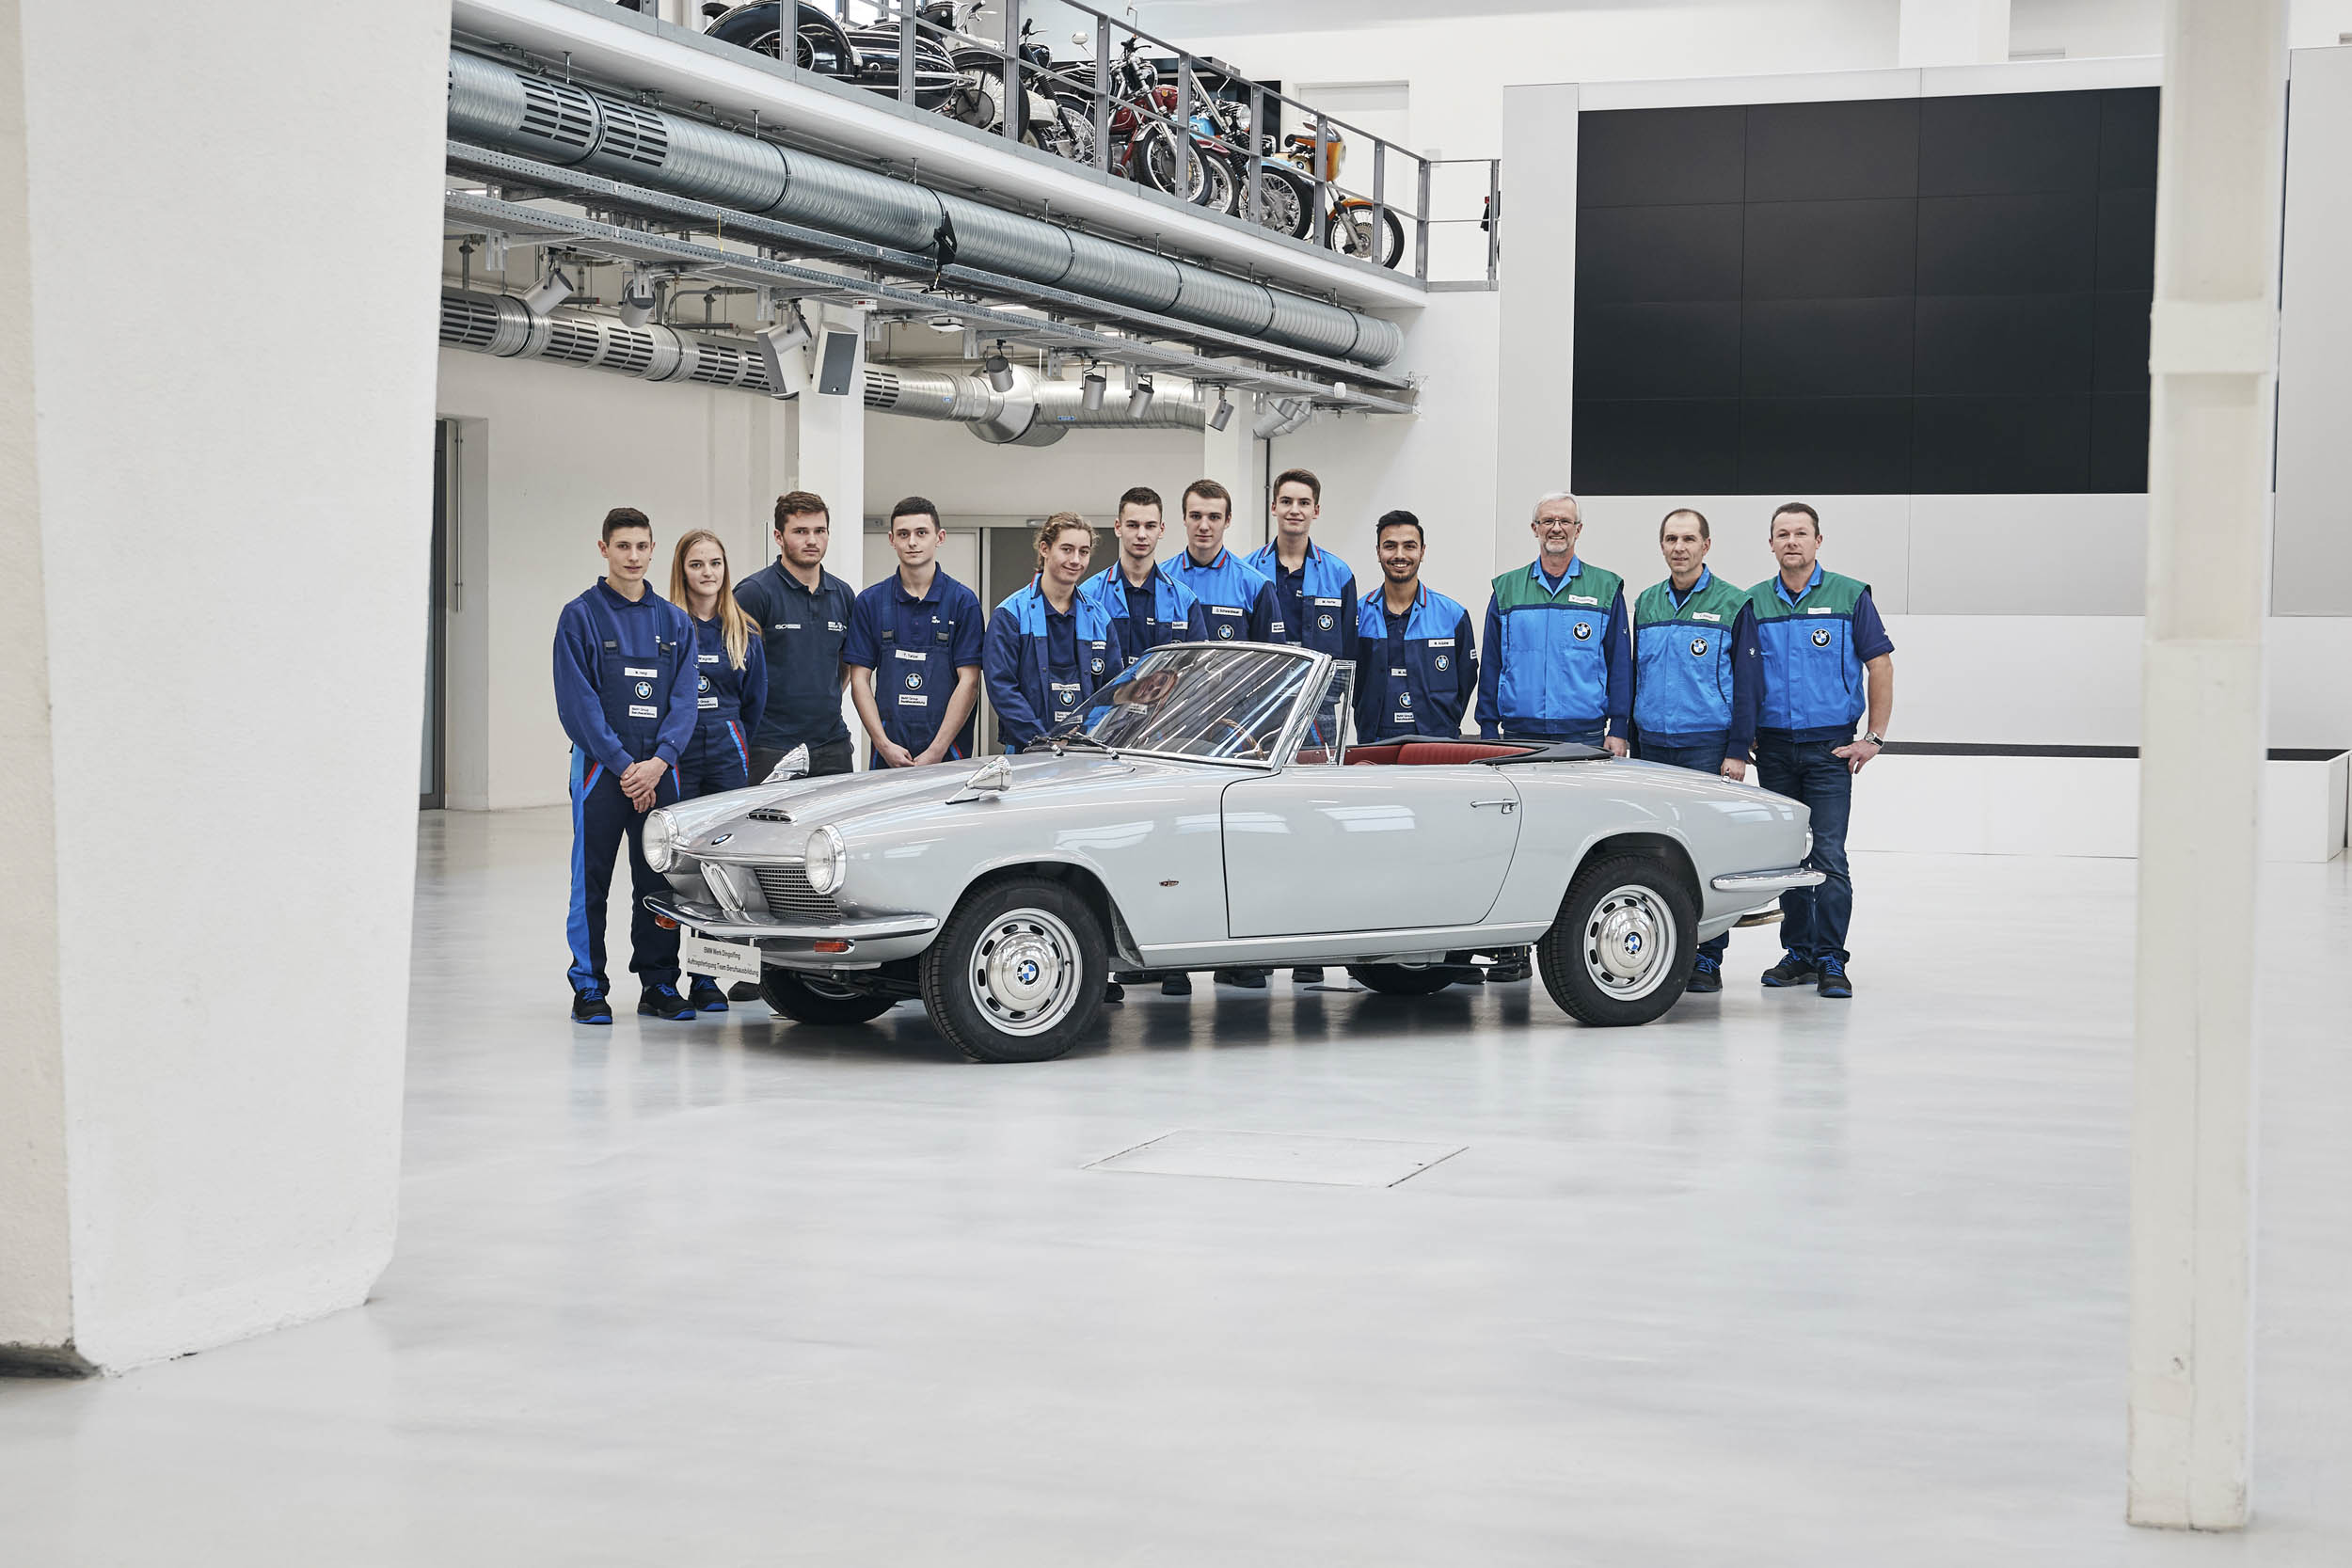 BMW 1600 GT convertible team